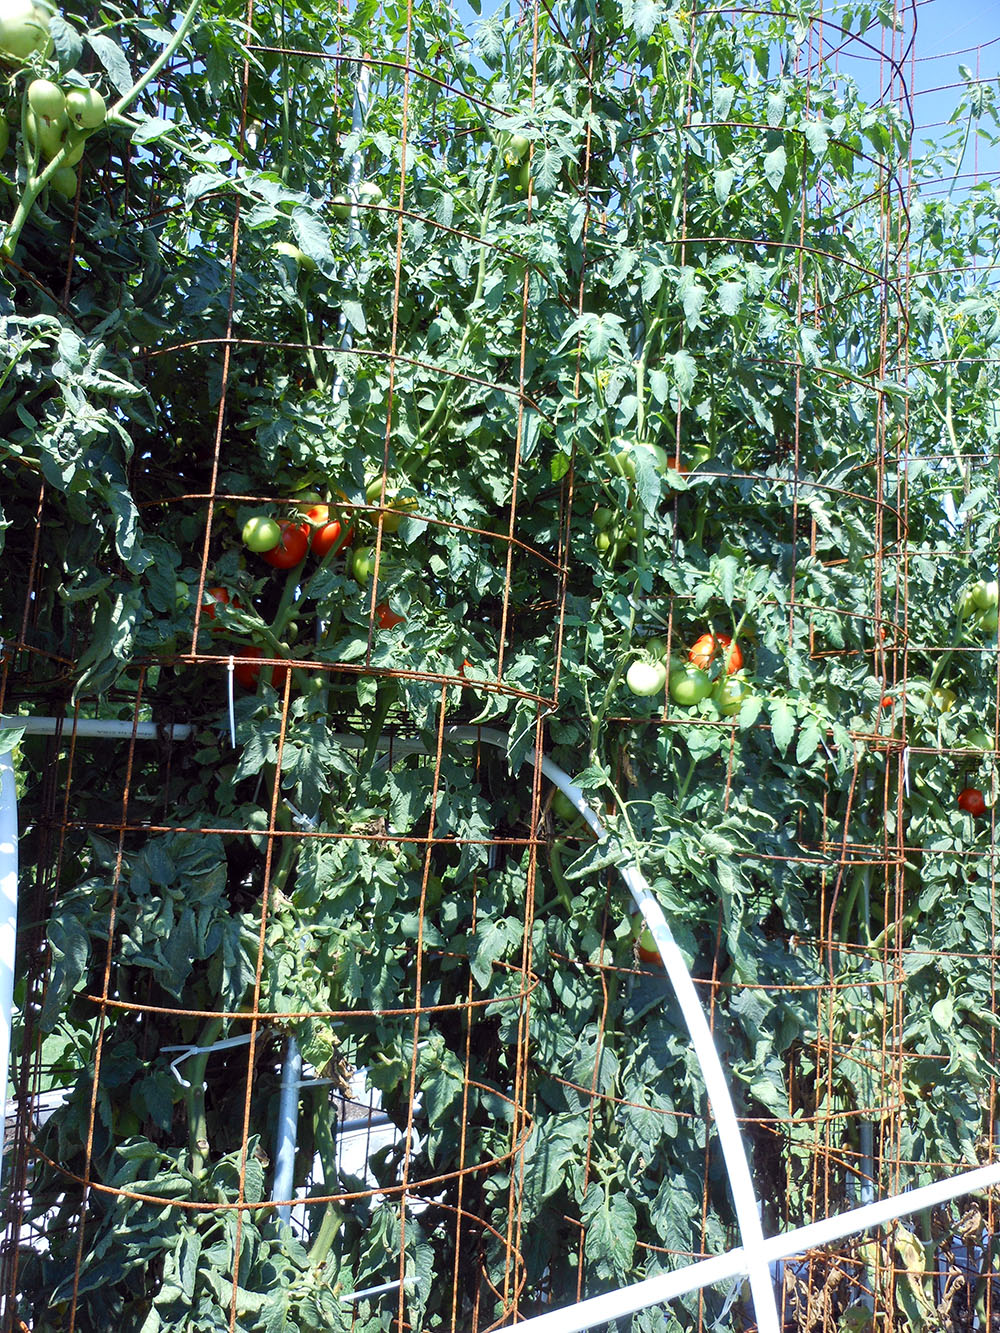 07-30-2016 Tomato Plants St Pauls S 11